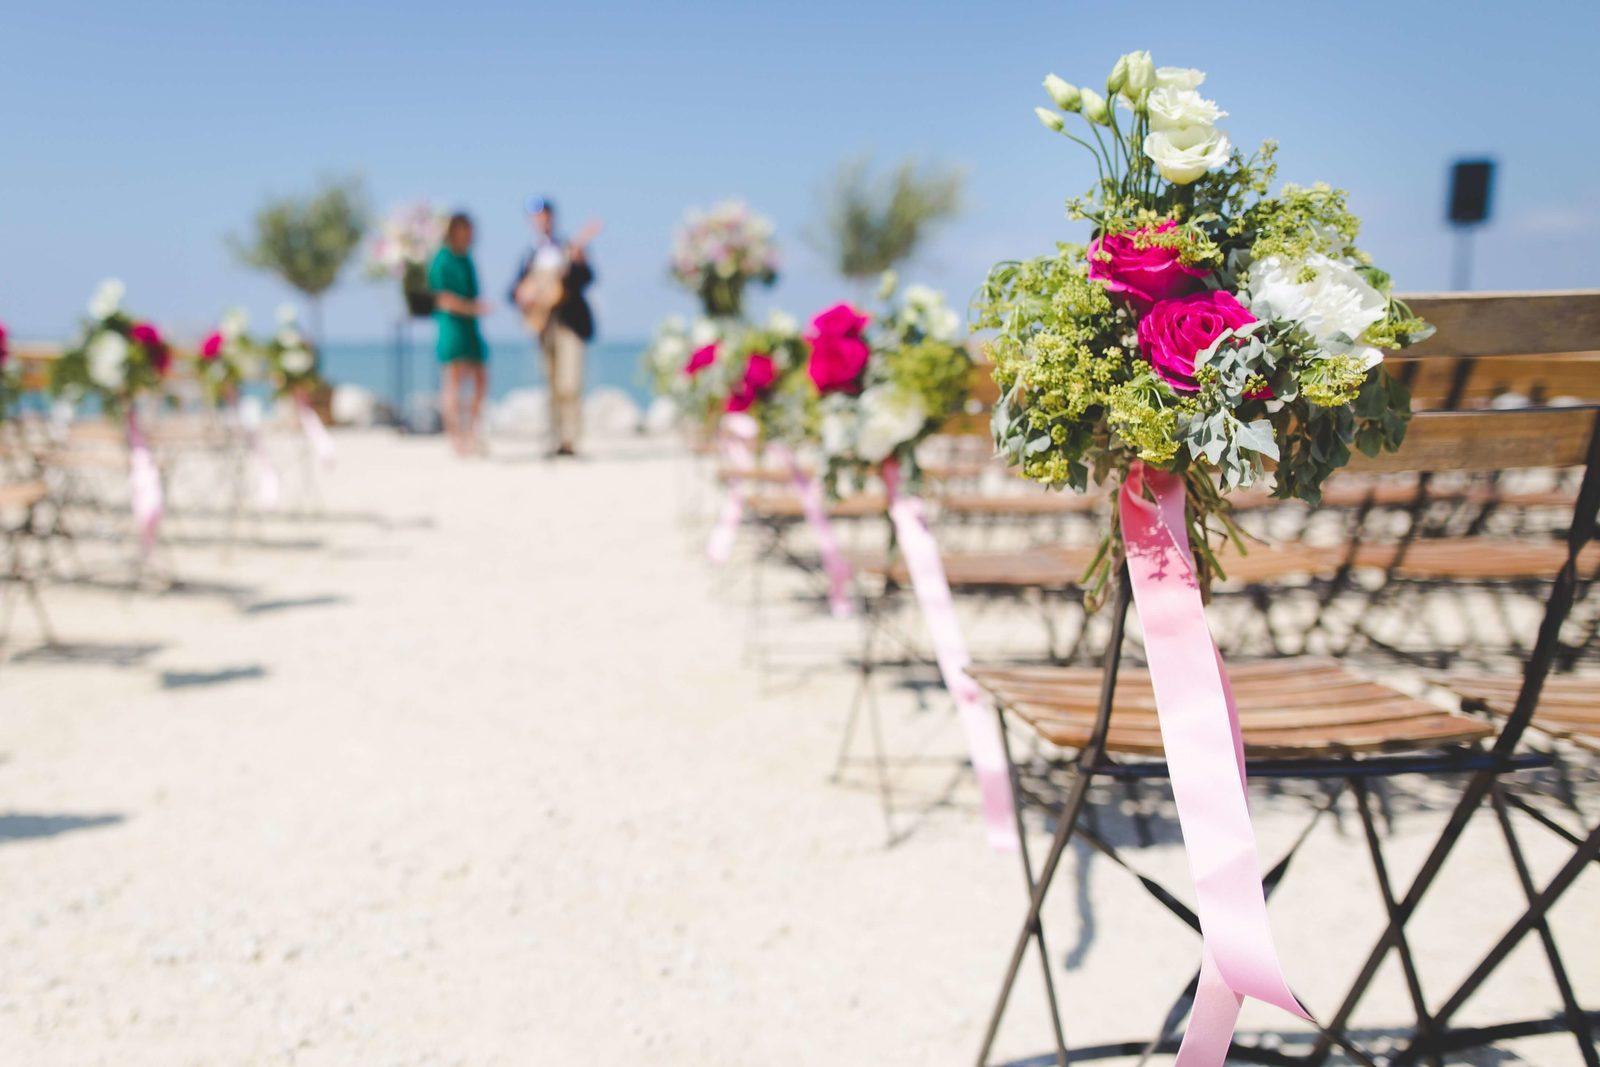 Um casamento Bonaire; quem não quer casar num sítio fantástico como este? Declare o seu amor na praia e dance com o seu parceiro!